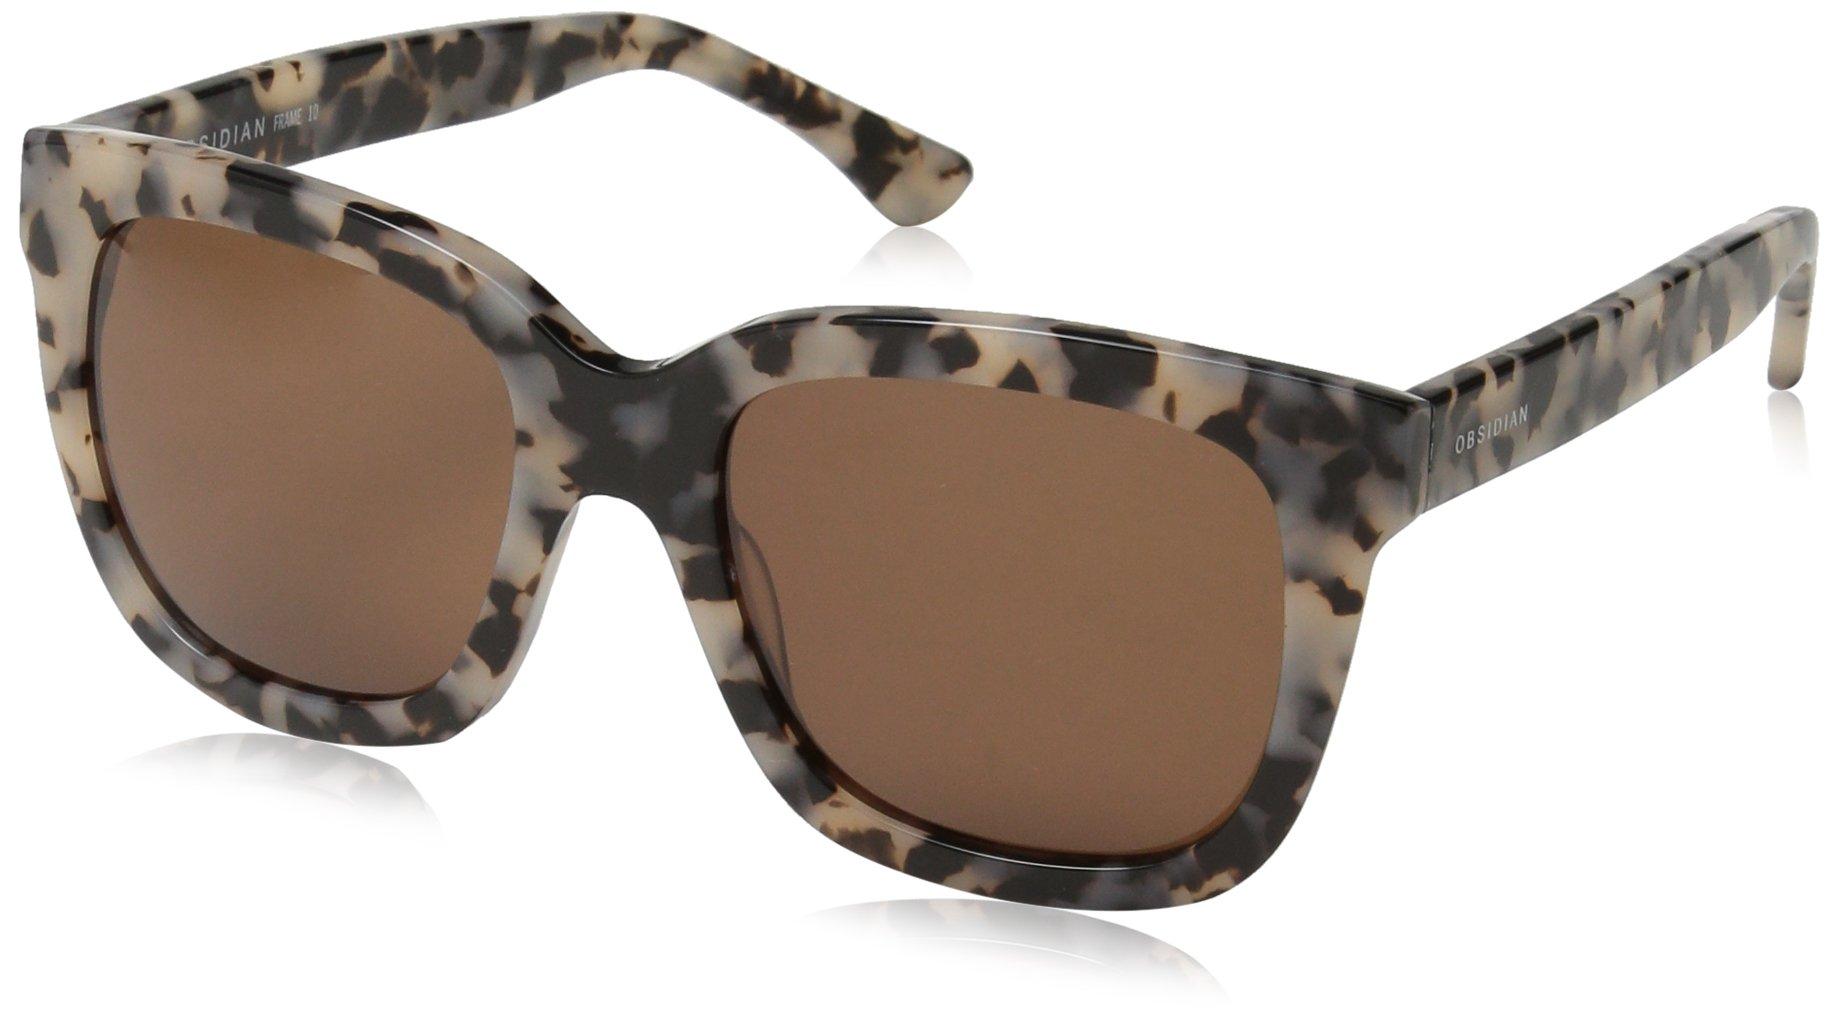 Obsidian Sunglasses for Women Fashion Oversized Frame 10, Black/Cream Tortoise, 54 mm